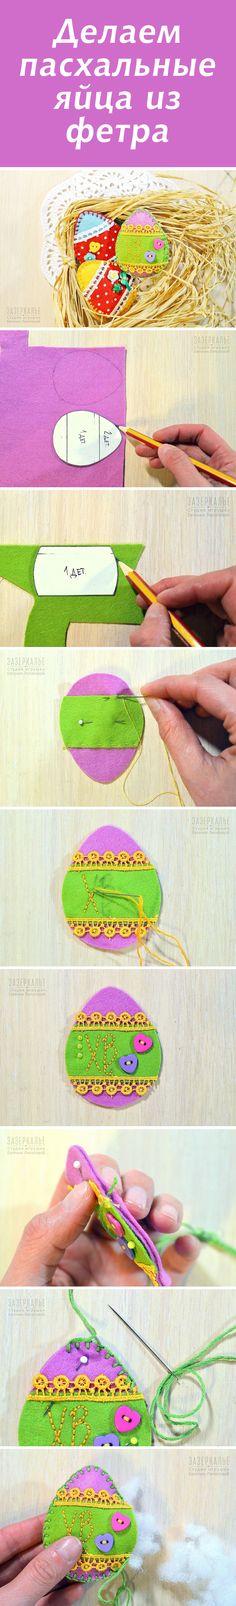 Красочный мастер-класс Евгении Липатовой по созданию пасхальных яиц из фетра #diy #easter #tutorial